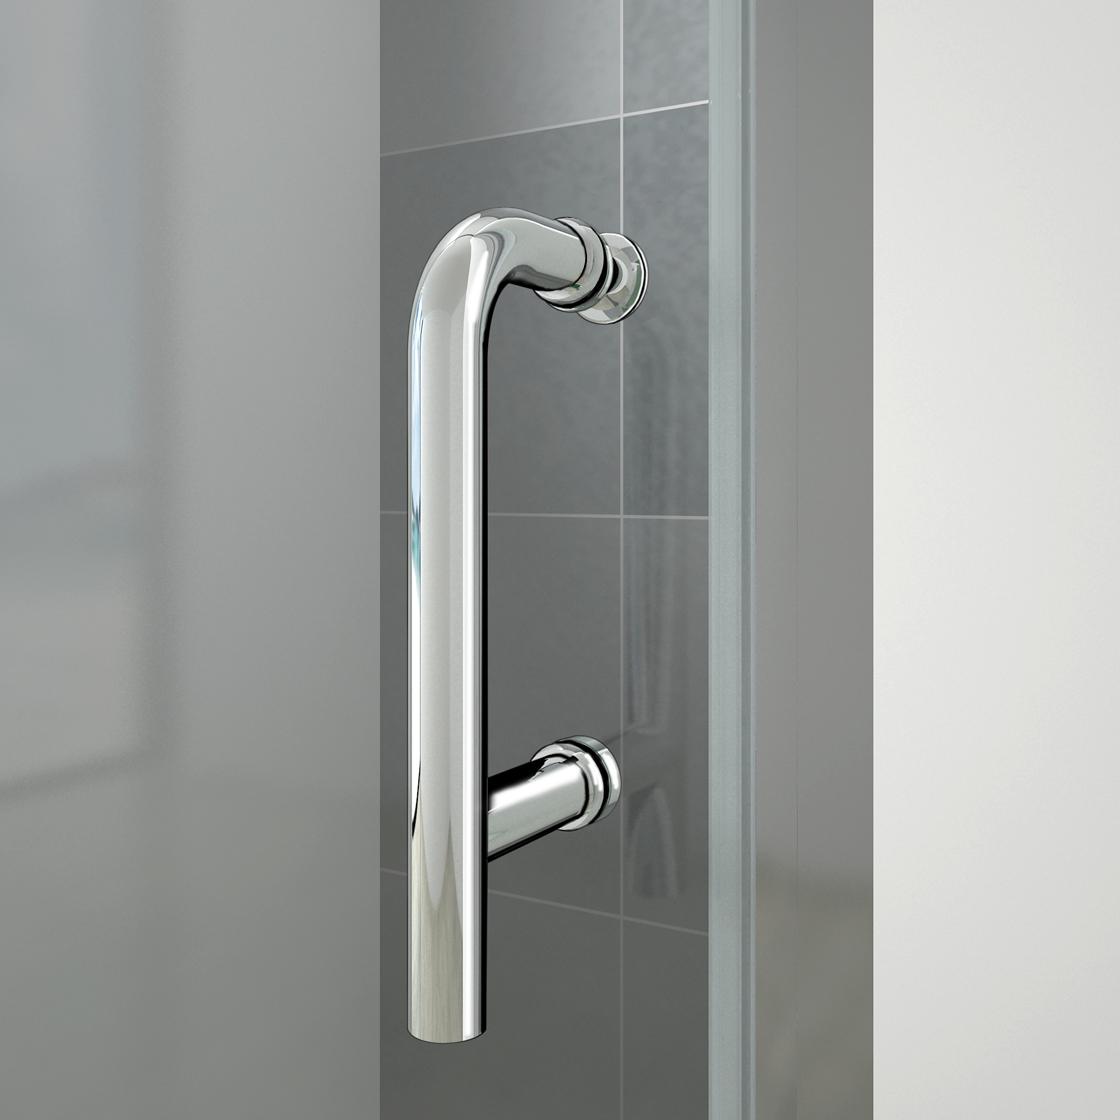 Aica pivot shower door enclosure walk in screen glass for 1000 pivot shower door